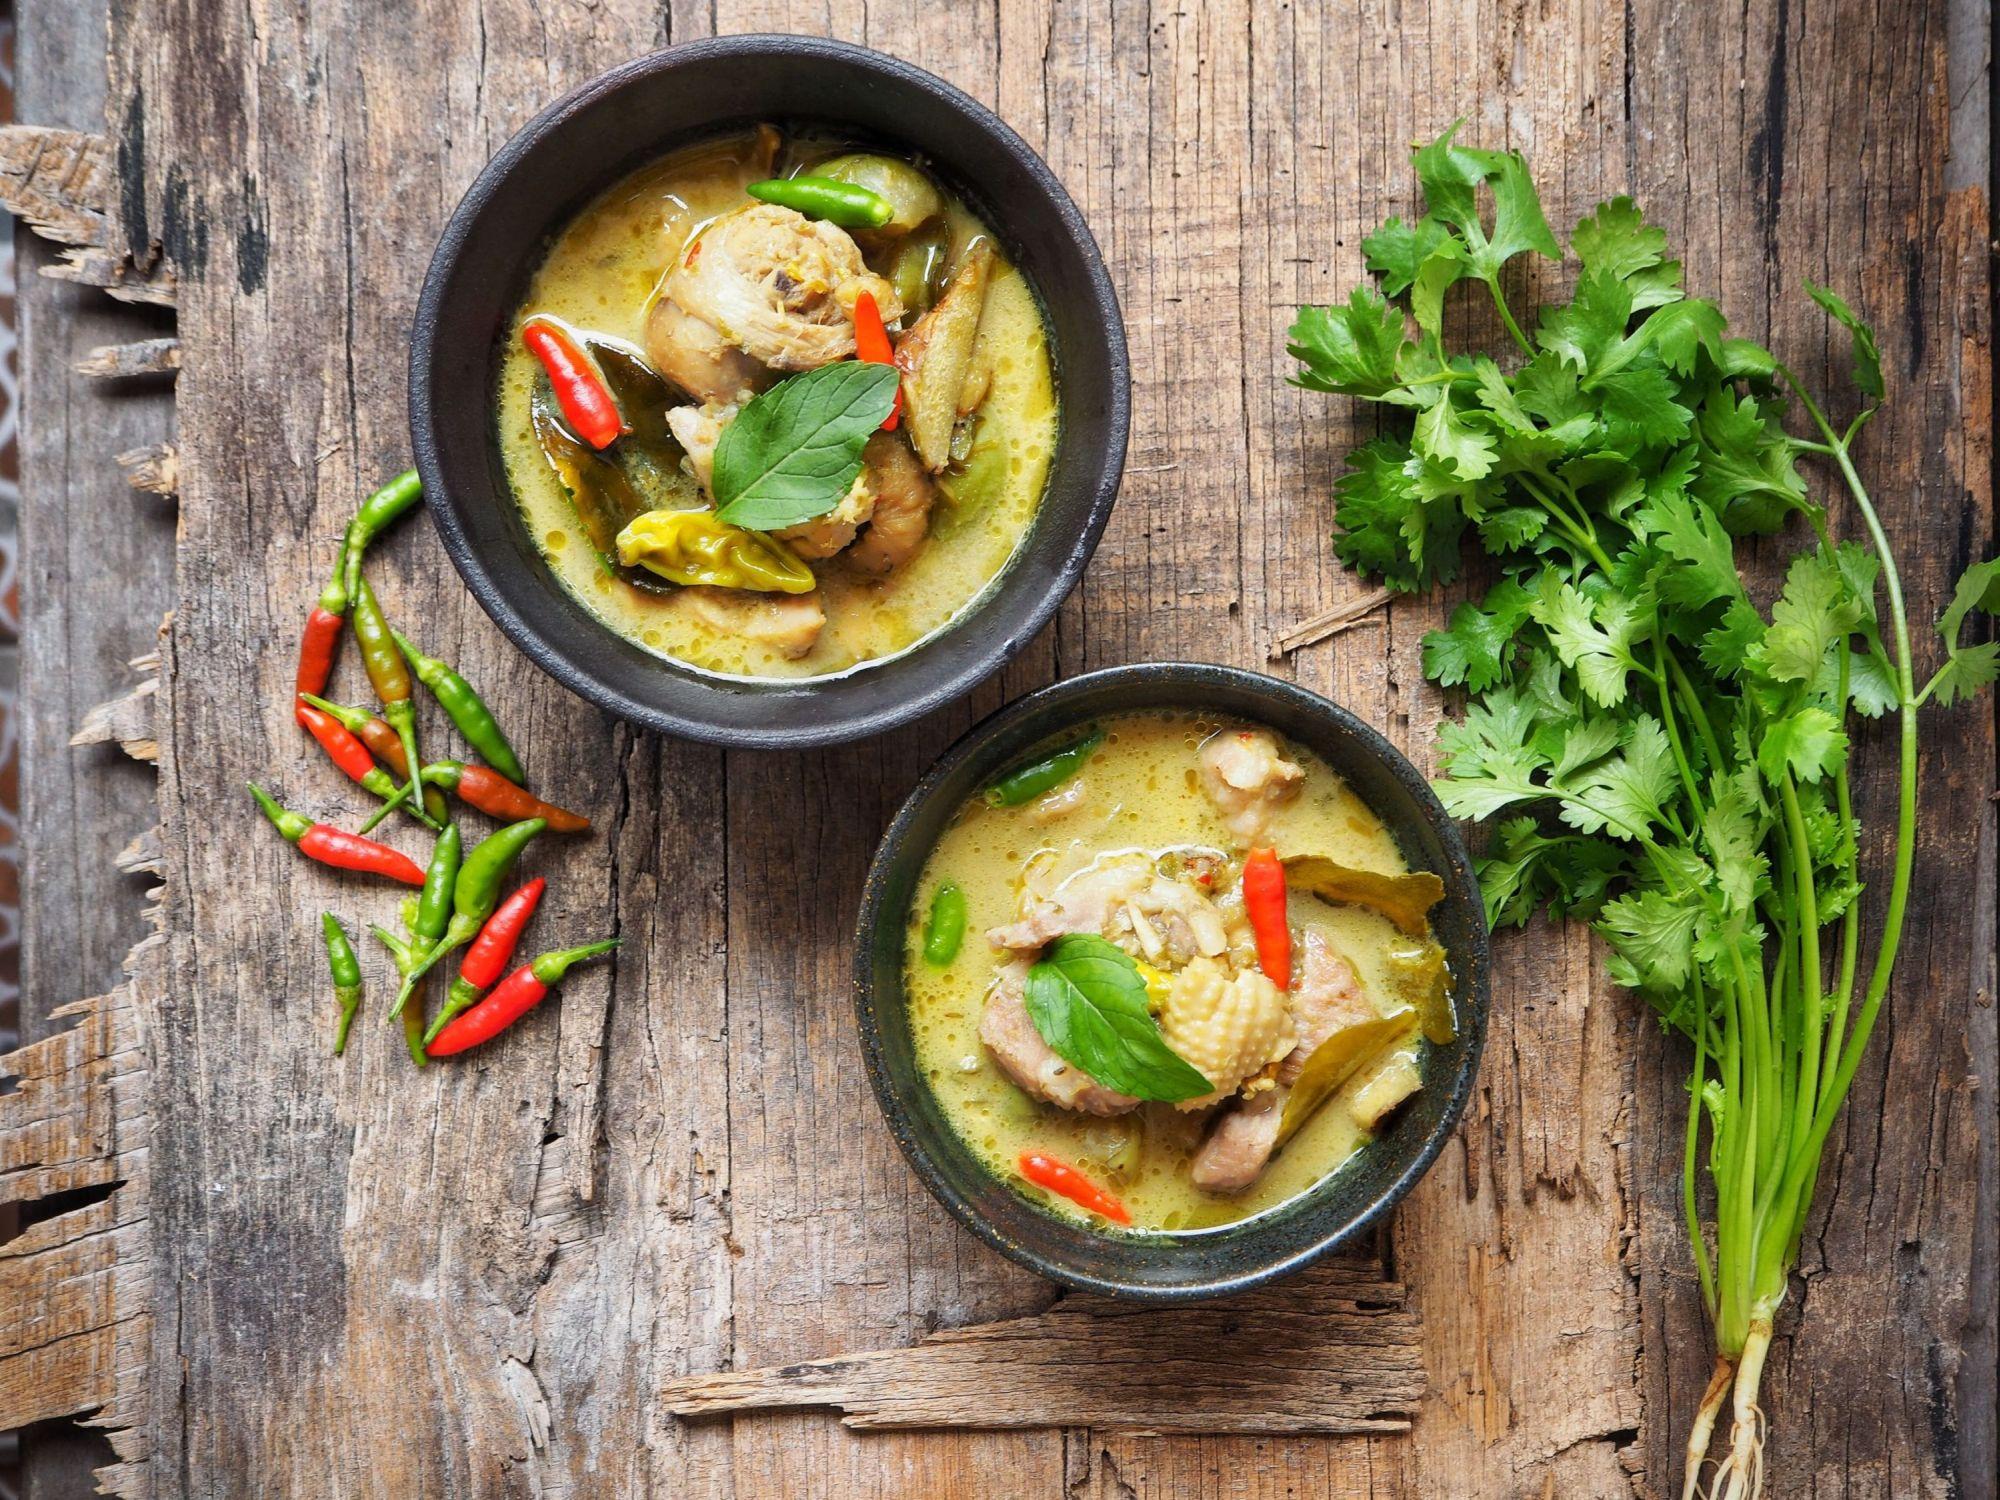 Kokos Imbir I Limonka Czyli Sekrety Kuchni Tajskiej